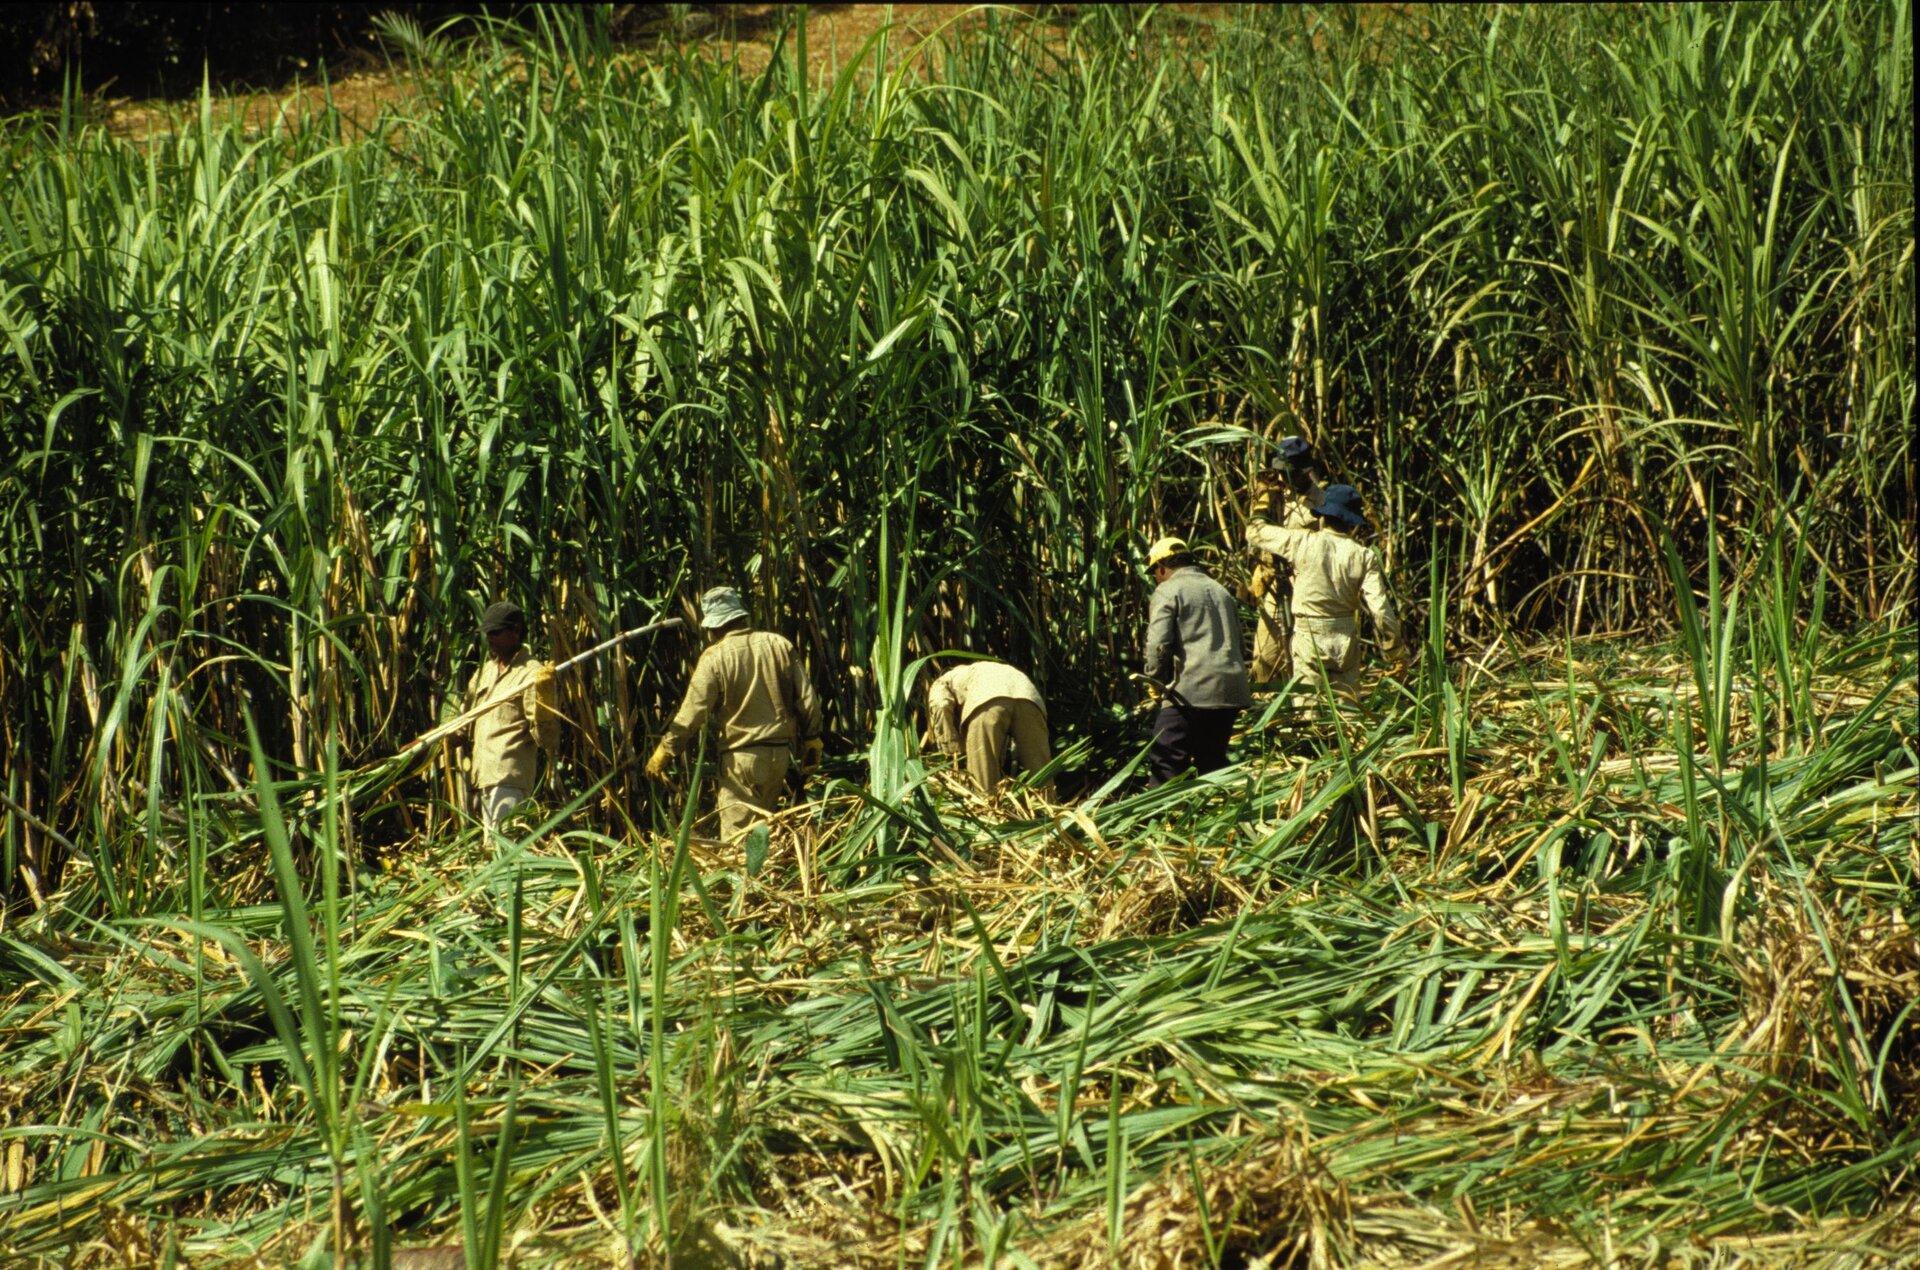 Na zdjęciu zbiór trzciny cukrowej. Na pierwszym planie ścięte rośliny, dalej szpalerem ustawionych jest pięć osób, które ścinają wysokie na sześć metrów źdźbła trzciny cukrowej rosnące przed nimi.